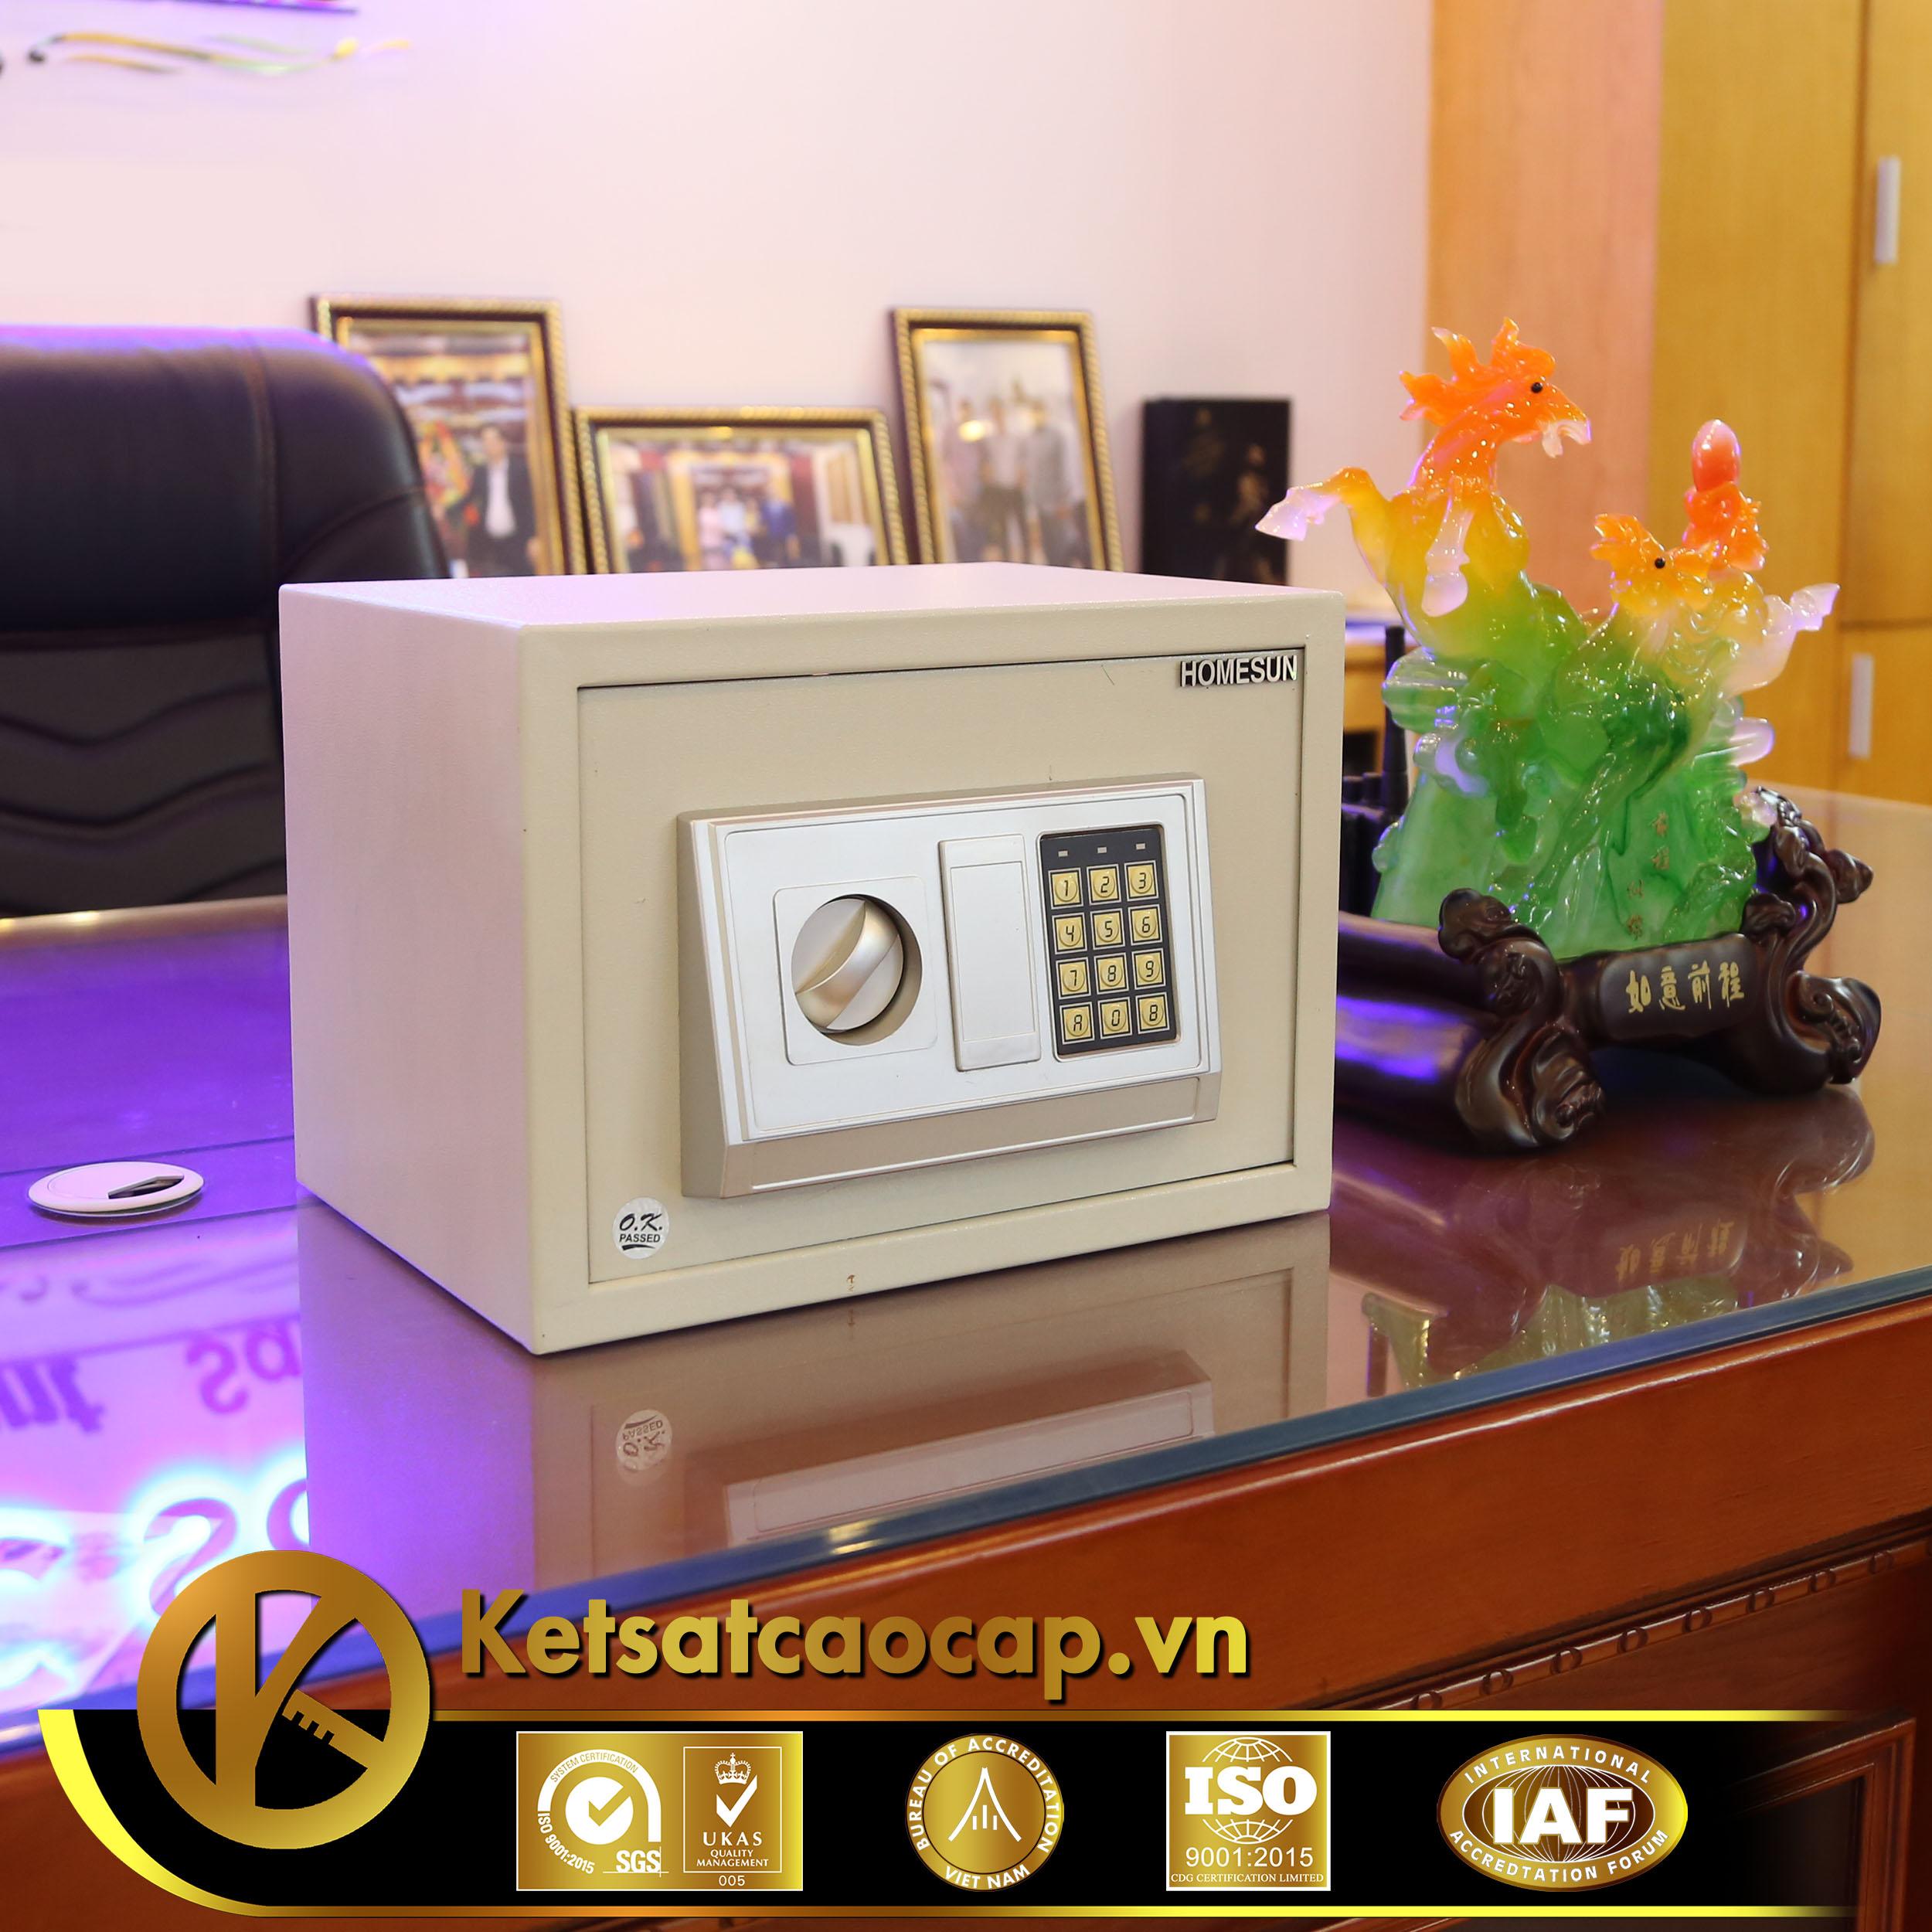 đặc điểm sản phẩm Két sắt khách sạn cao cấp KS421-ACT VUÔNG